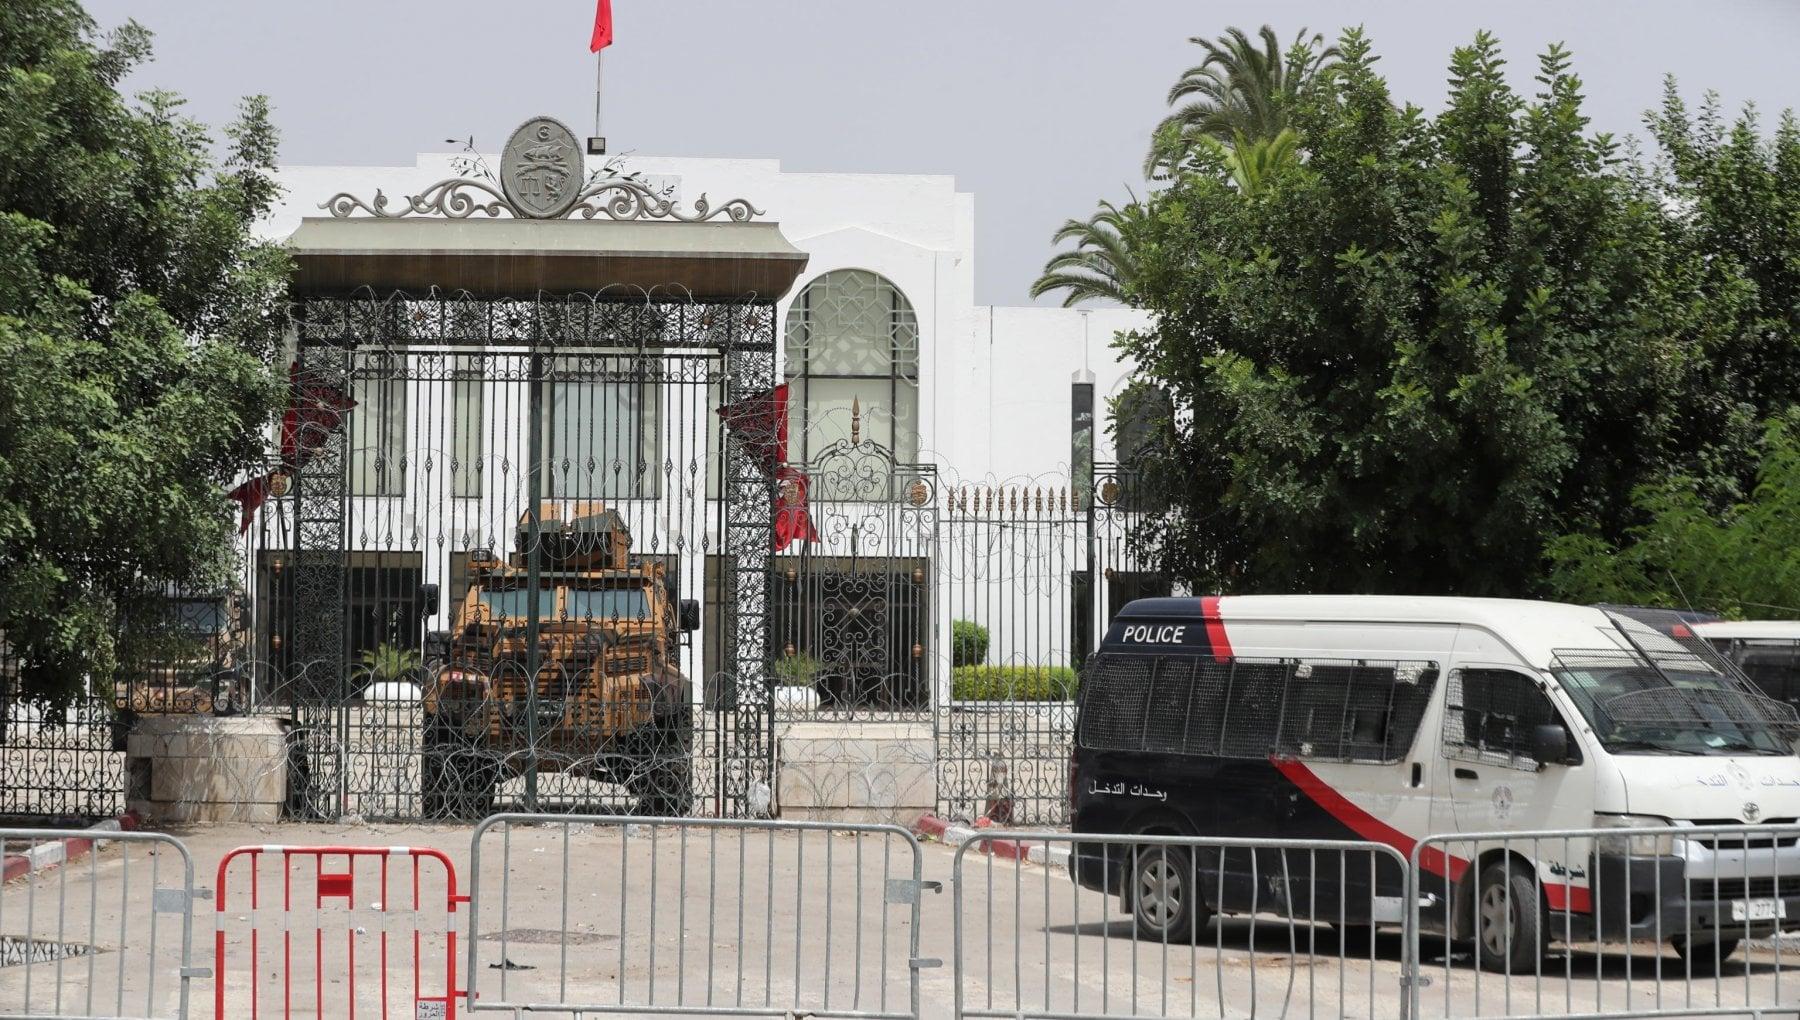 """212937284 09171209 44c8 4897 893c ce8604b769de - """"Ennahda ha fallito"""". A Tunisi tramonta l'Islam di governo"""